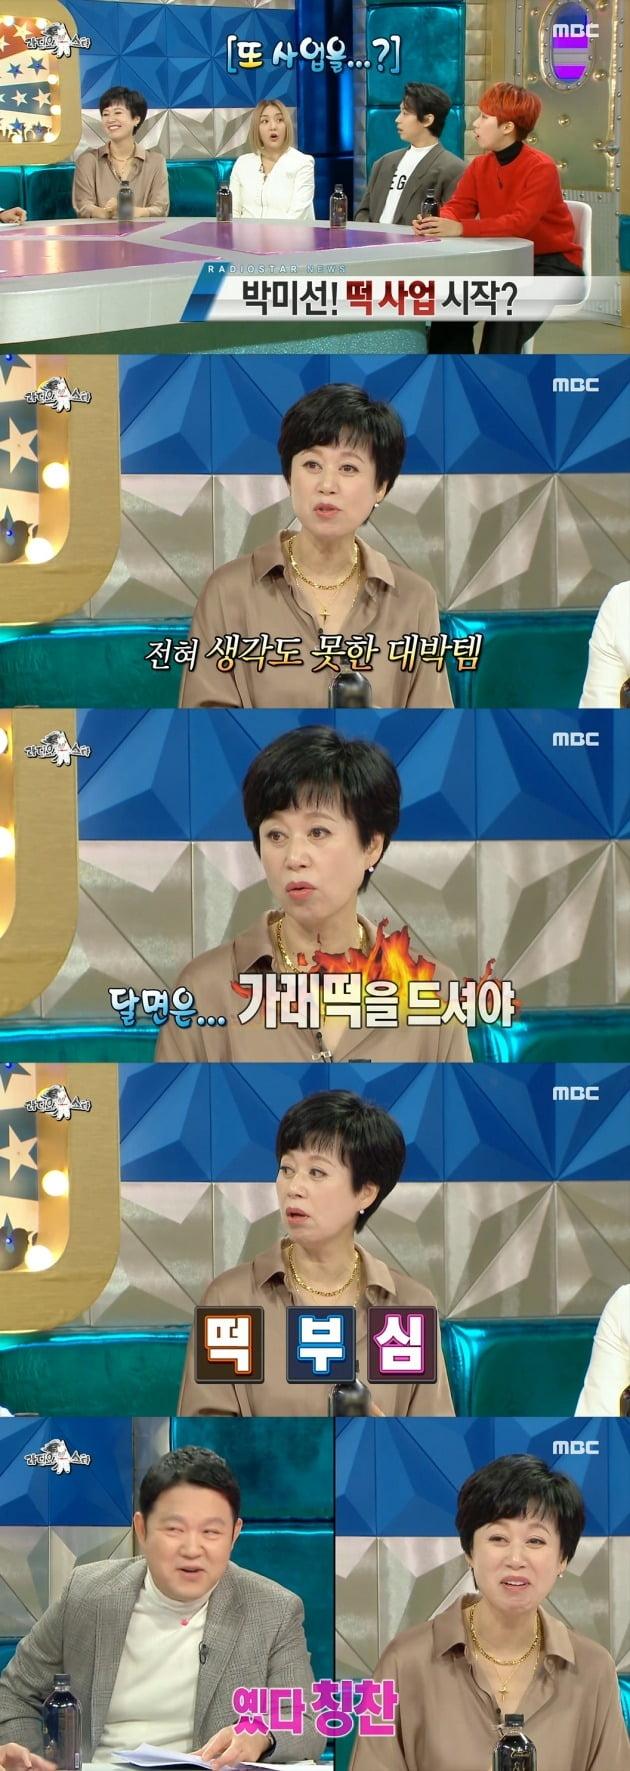 박미선떡이 화제가 되고 있다. / 사진=MBC '라디오스타' 캡처